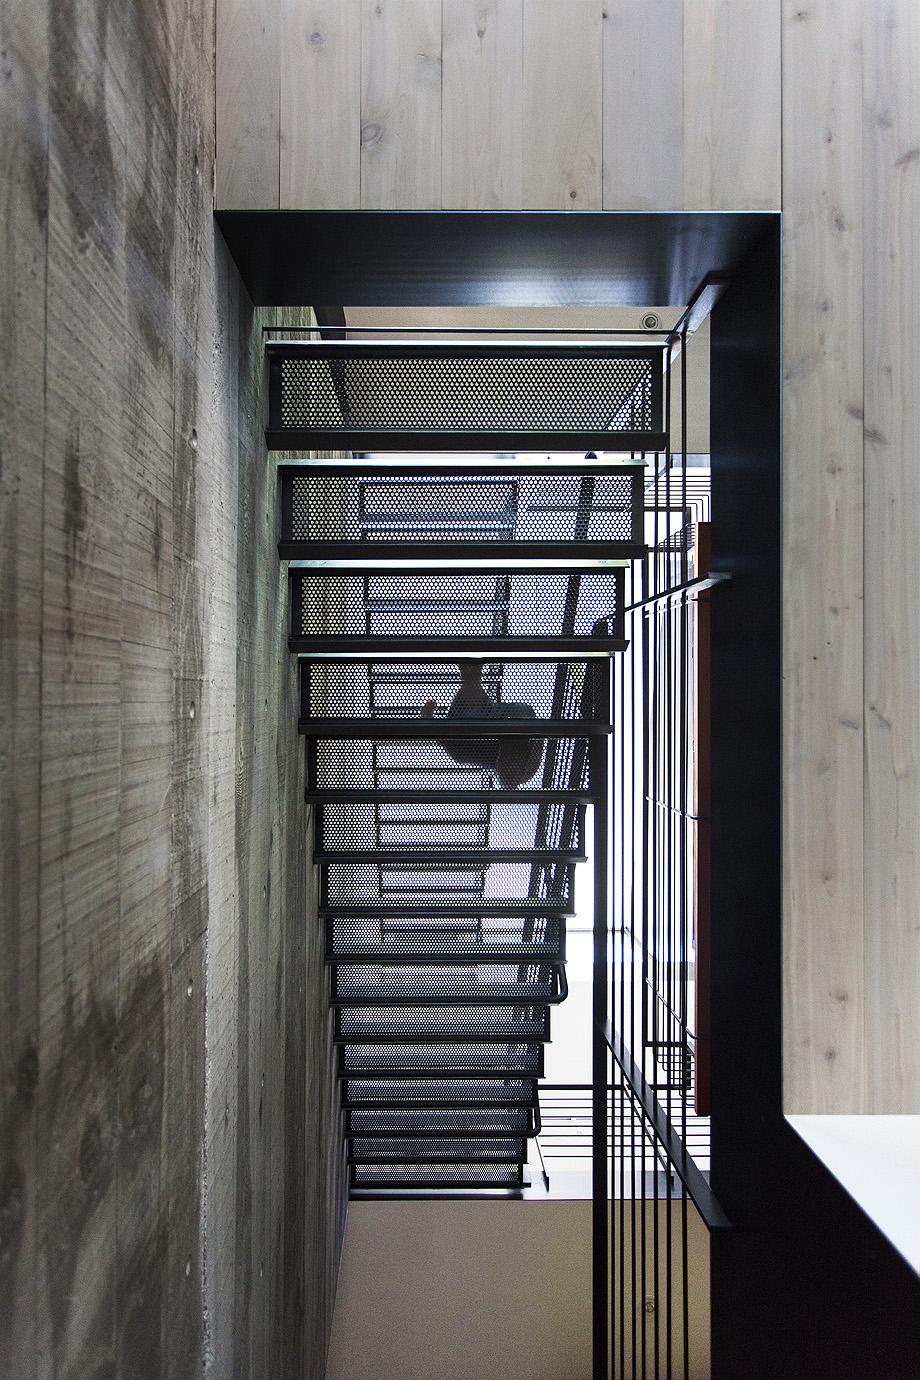 maison atelier de hy2 - foto Maxime Brouillet, Francis Pelletier, Loukas Yiacouvakis (8)